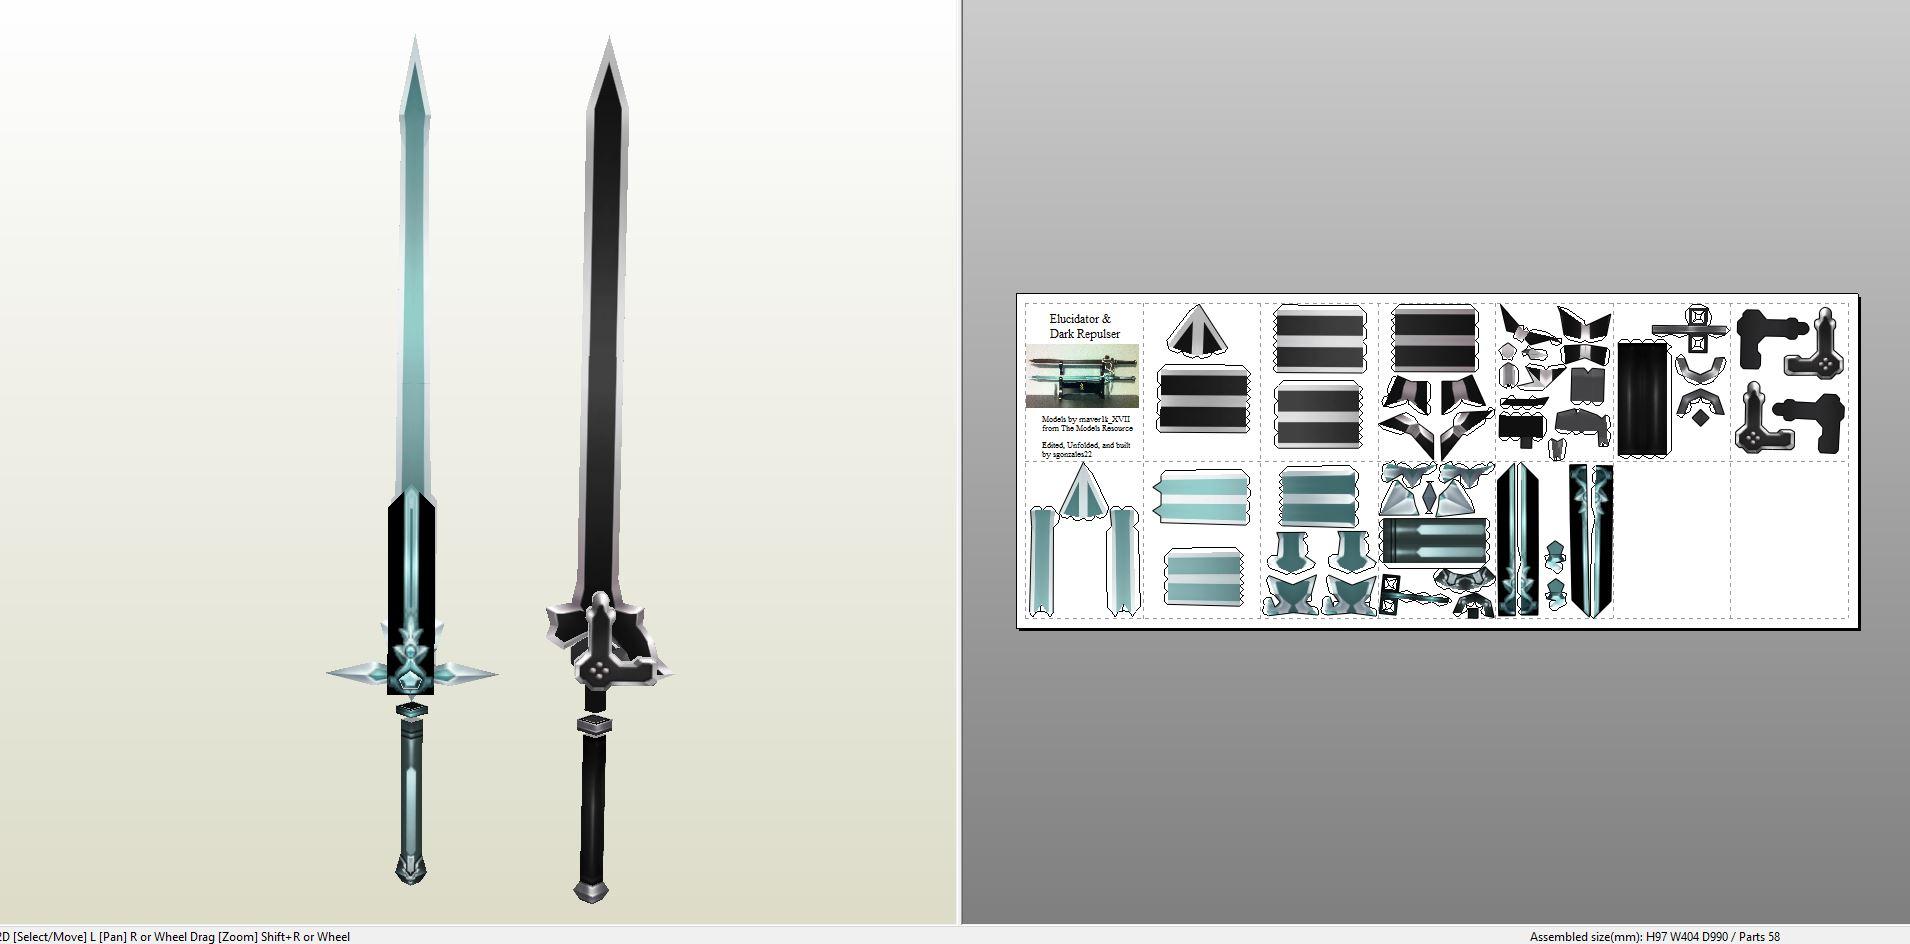 swordartonlineelucidatordarkrepulsor